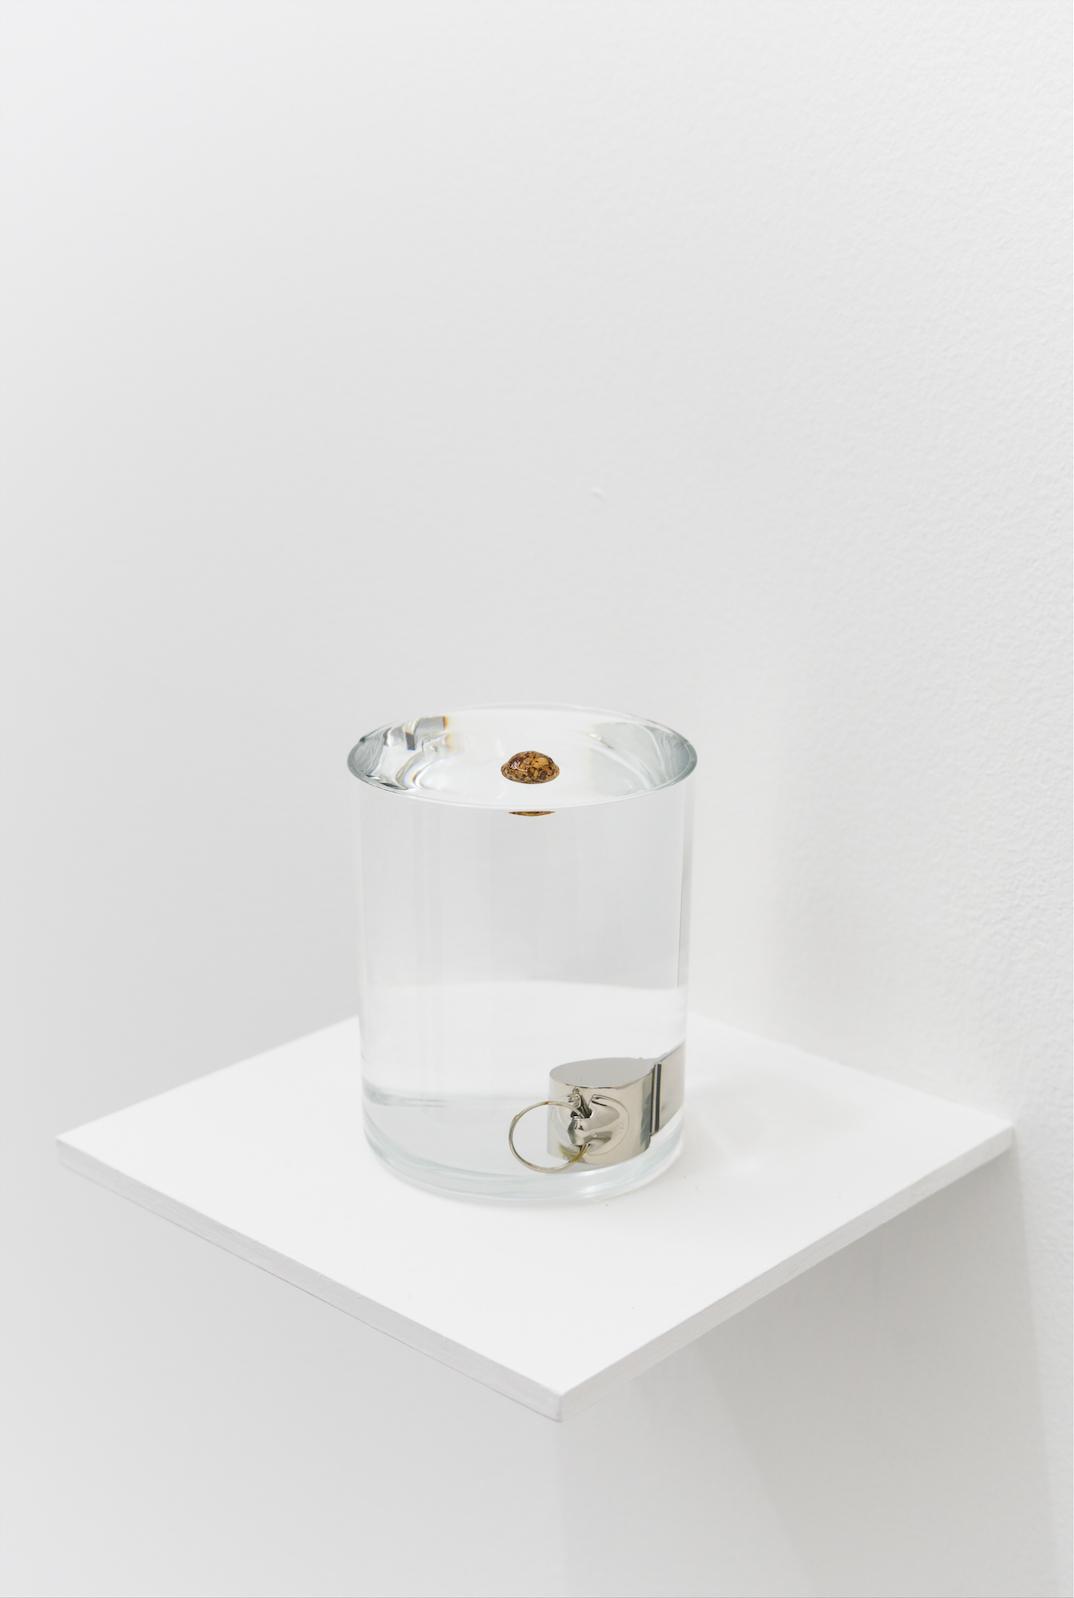 Zarauhie Abdalian, Buoy, 2014, Whistle, cork ball, glass, water, 9.2 x 7.3cm